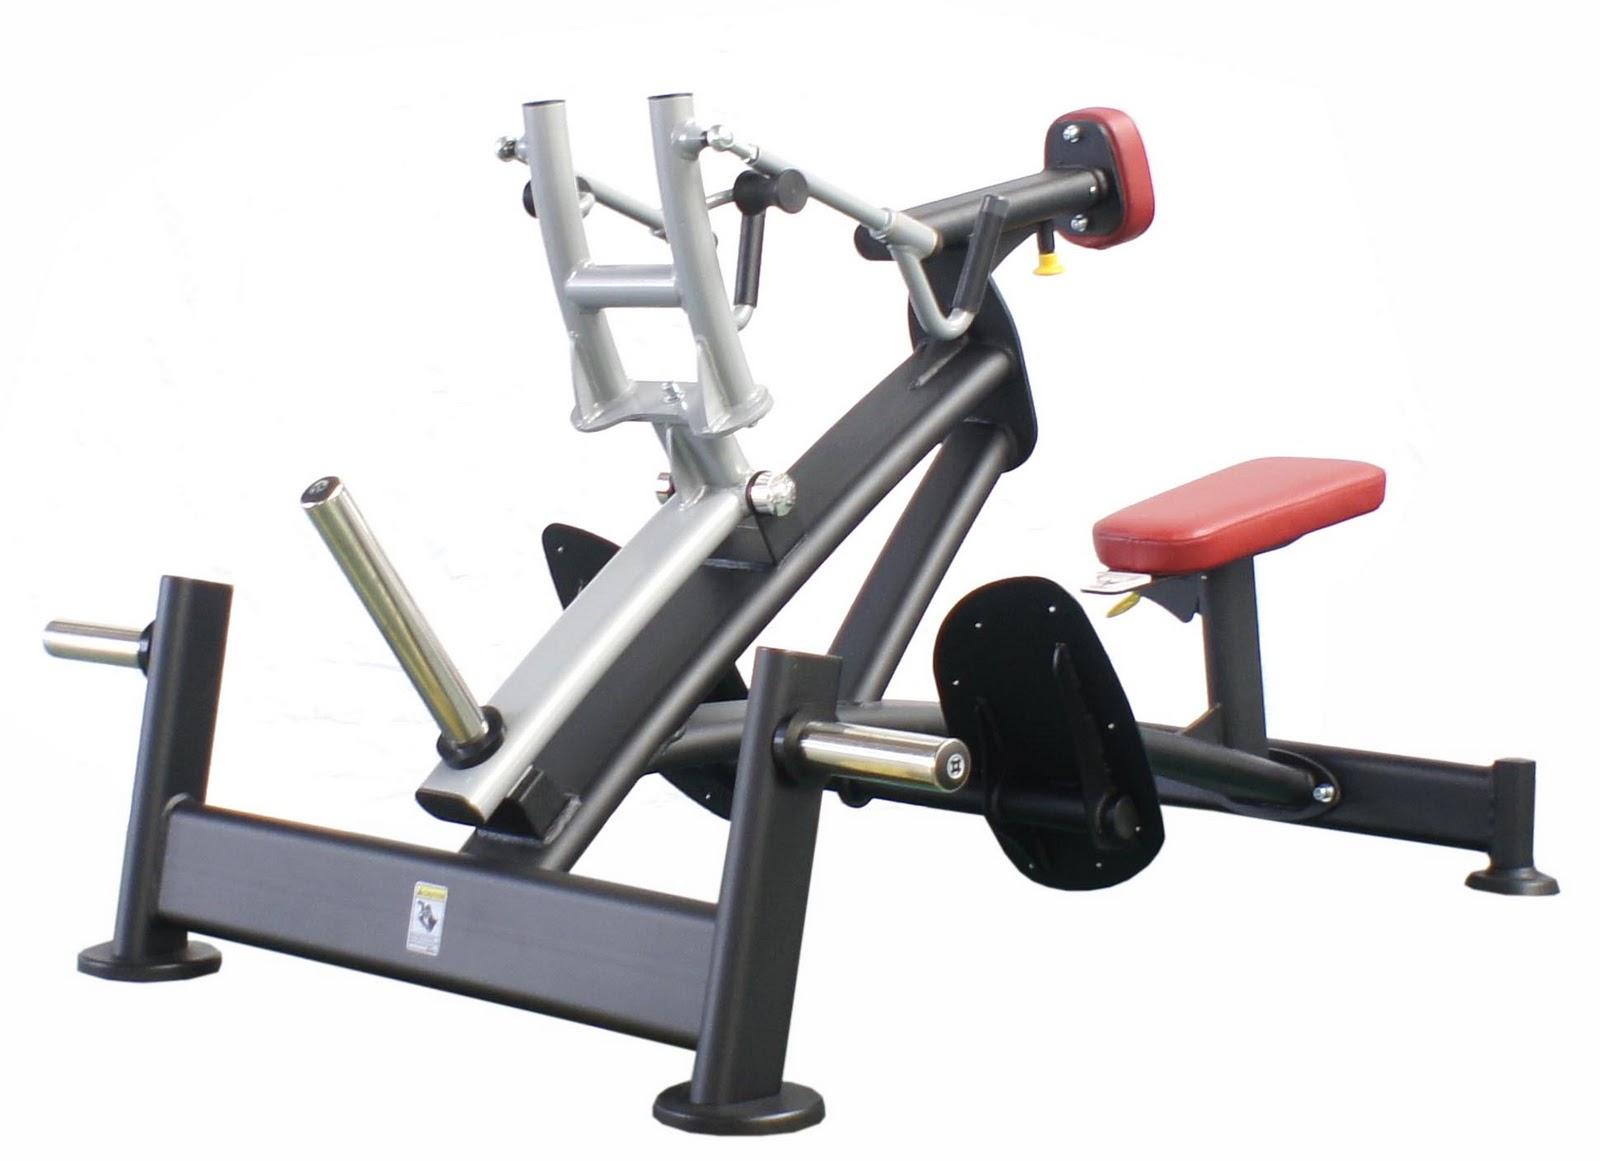 Maquinas de gimnasio peso libre for Aparatos de gym